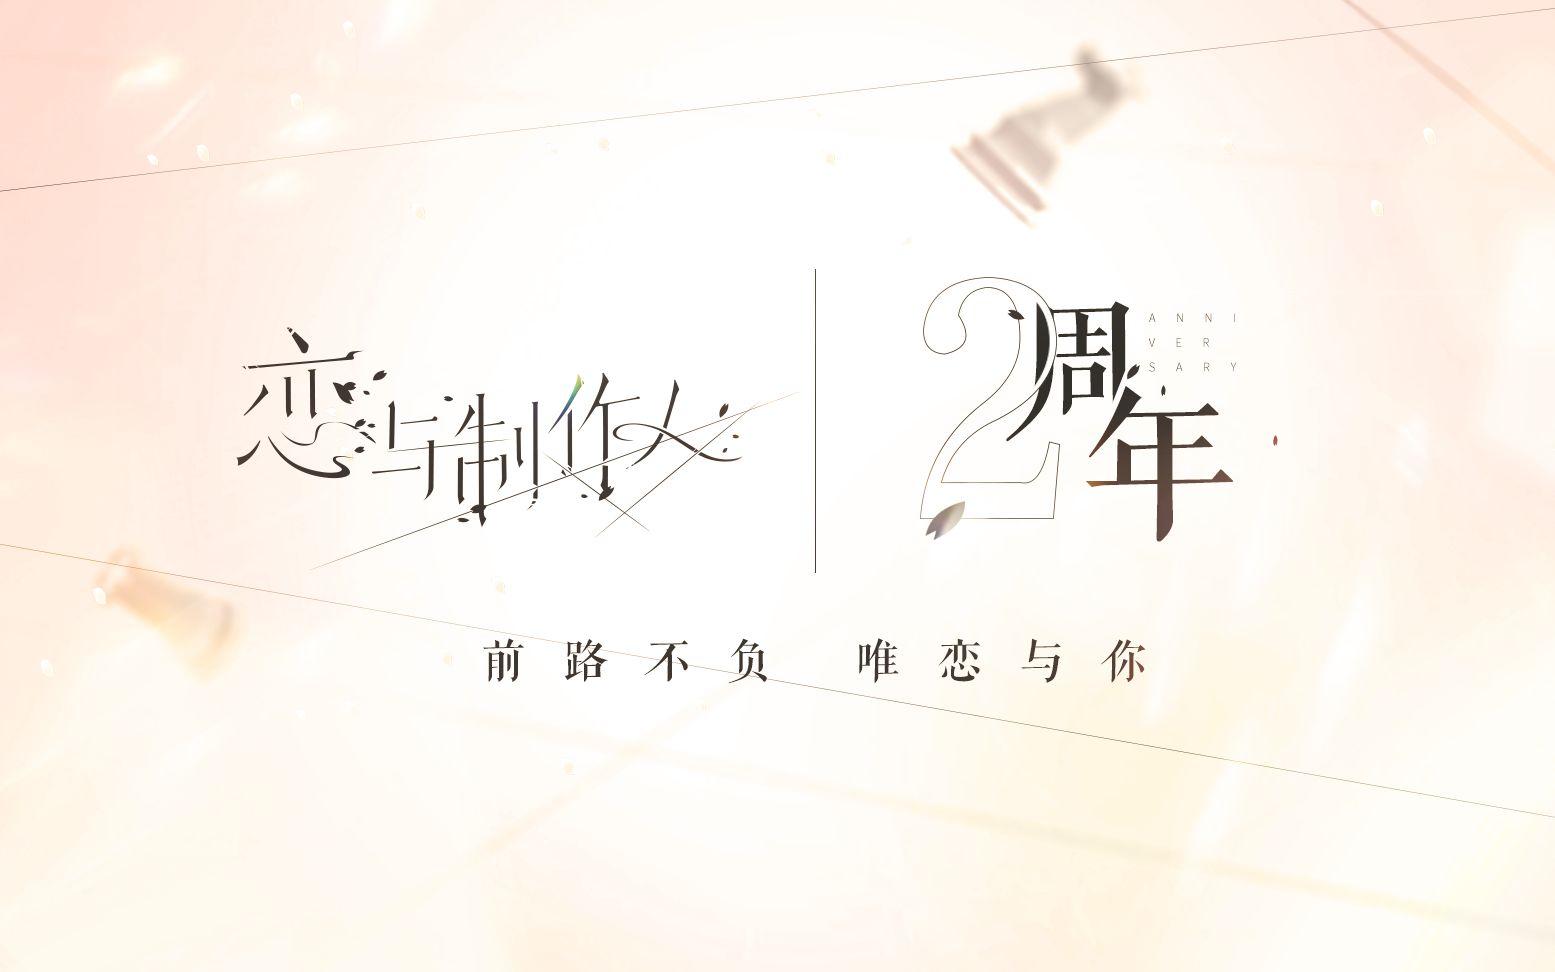 苍山负雪_前路不负,唯恋与你——《恋与制作人》2周年_哔哩哔哩 (゜-゜ ...